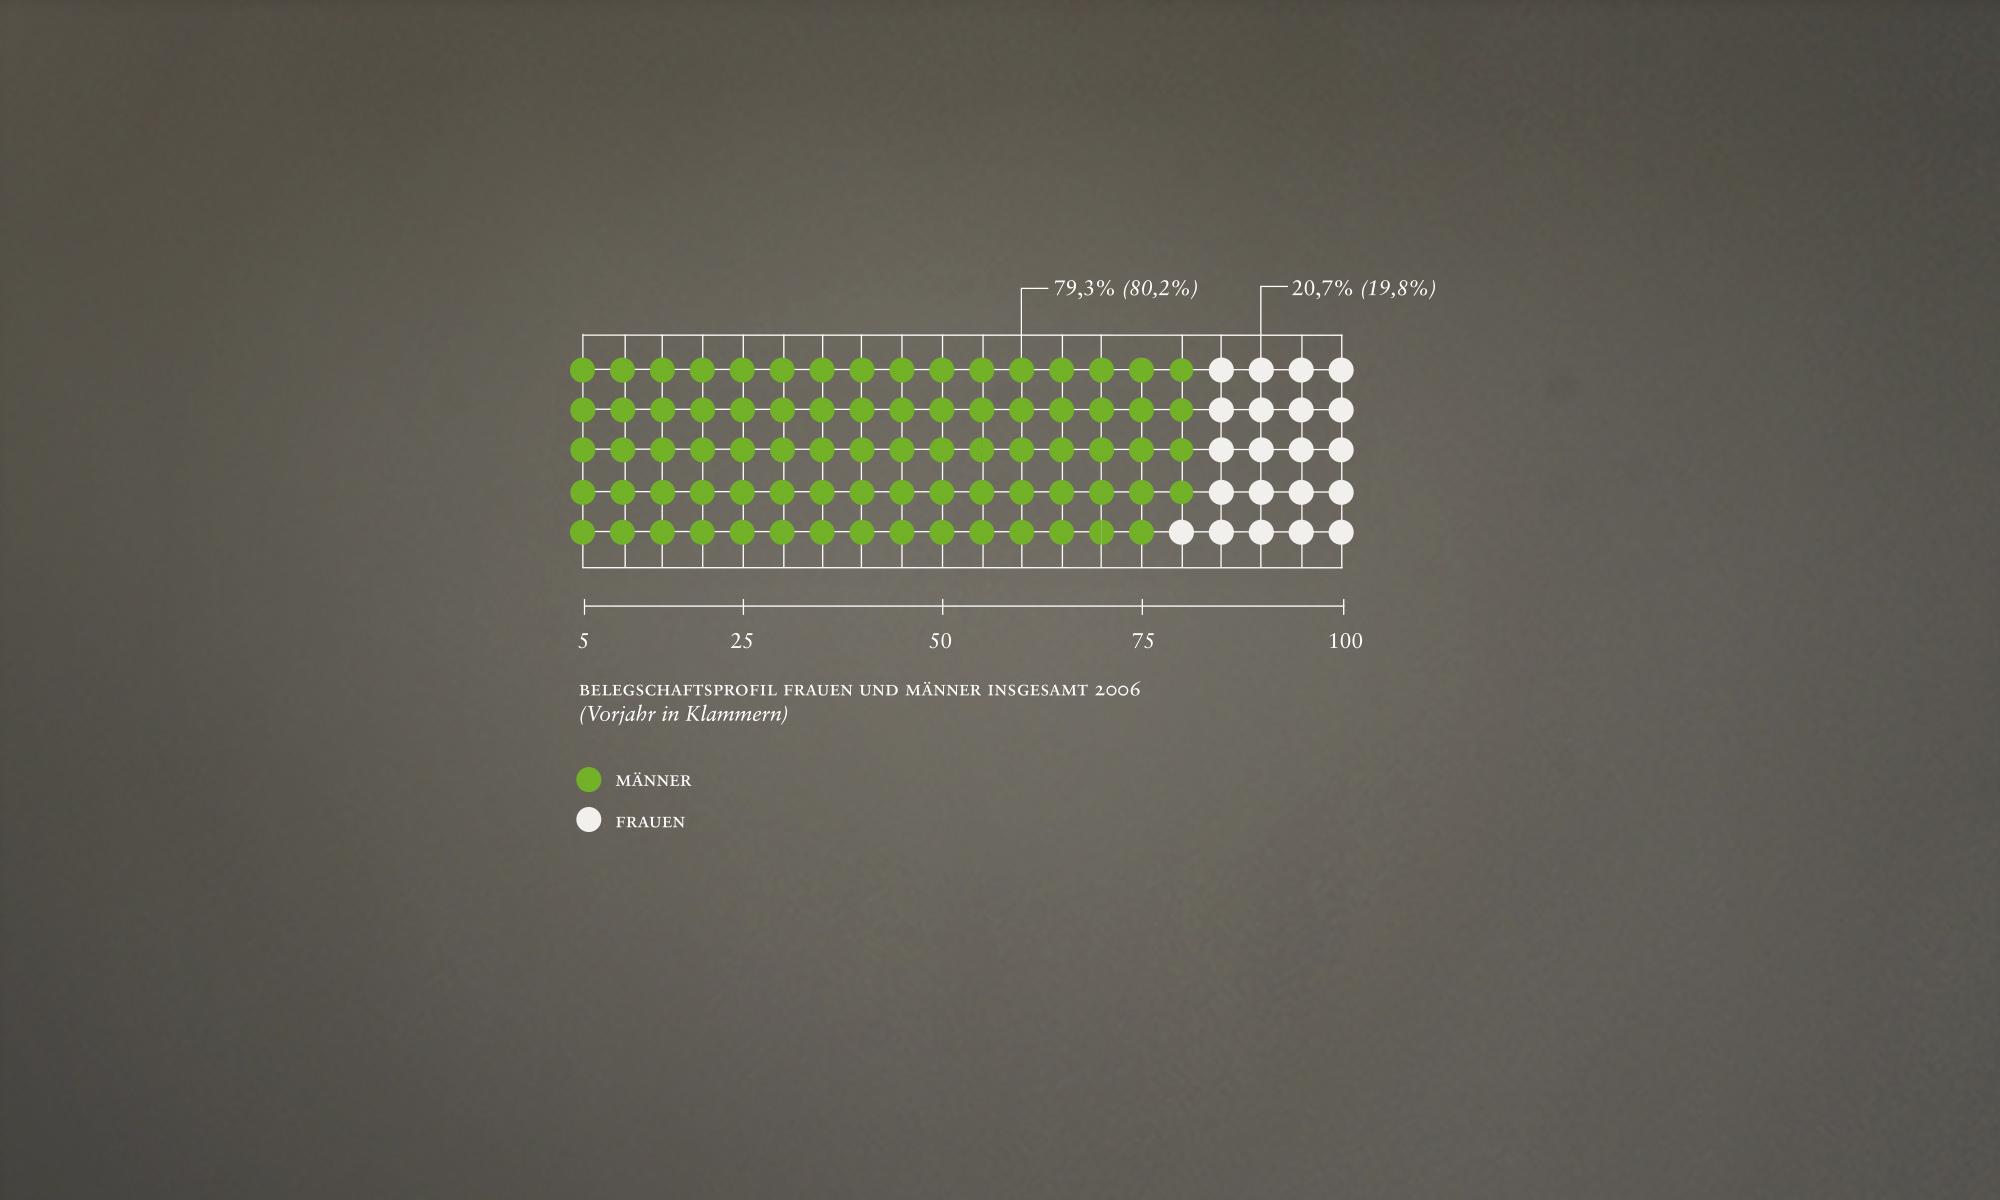 SLIDER-Infografik-3-Nachhaltigkeitsberich-BASF-Wertblick